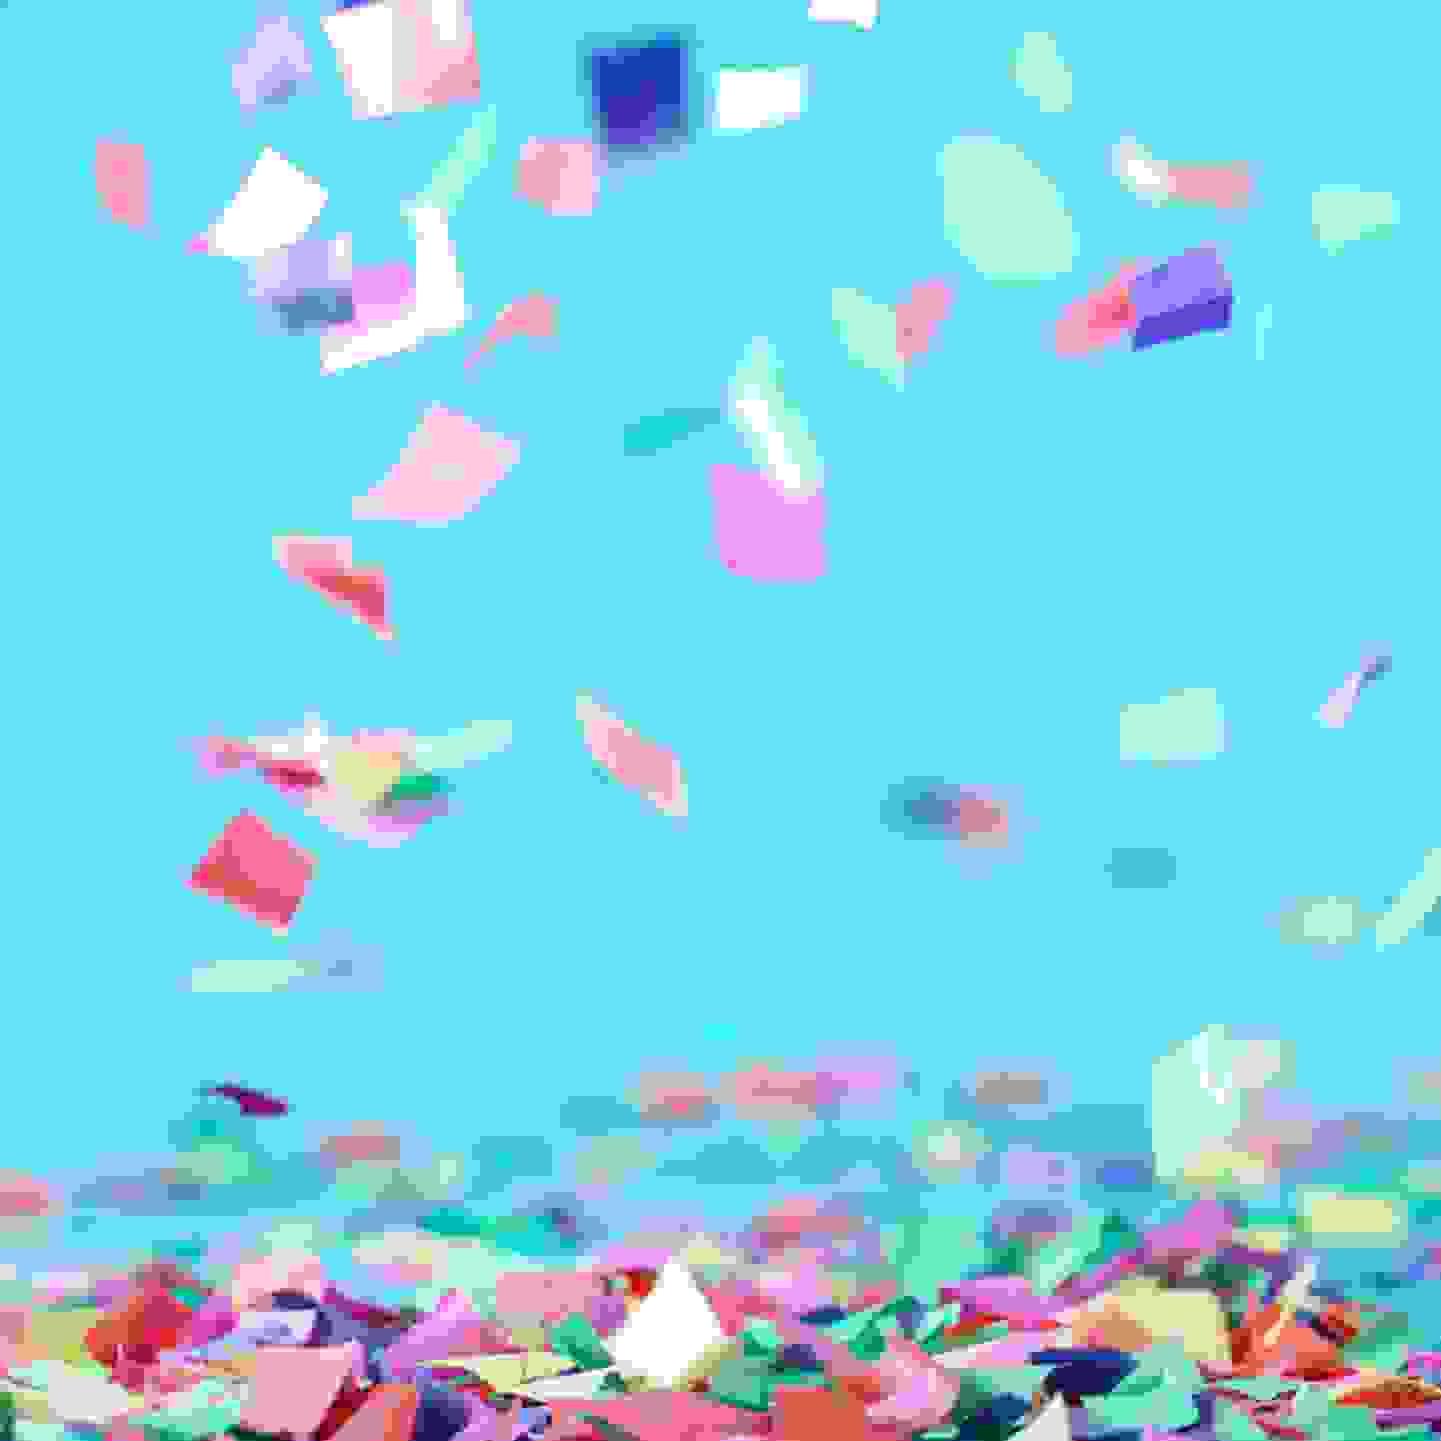 Carnaval - Pluie de confettis et déguisements amusants